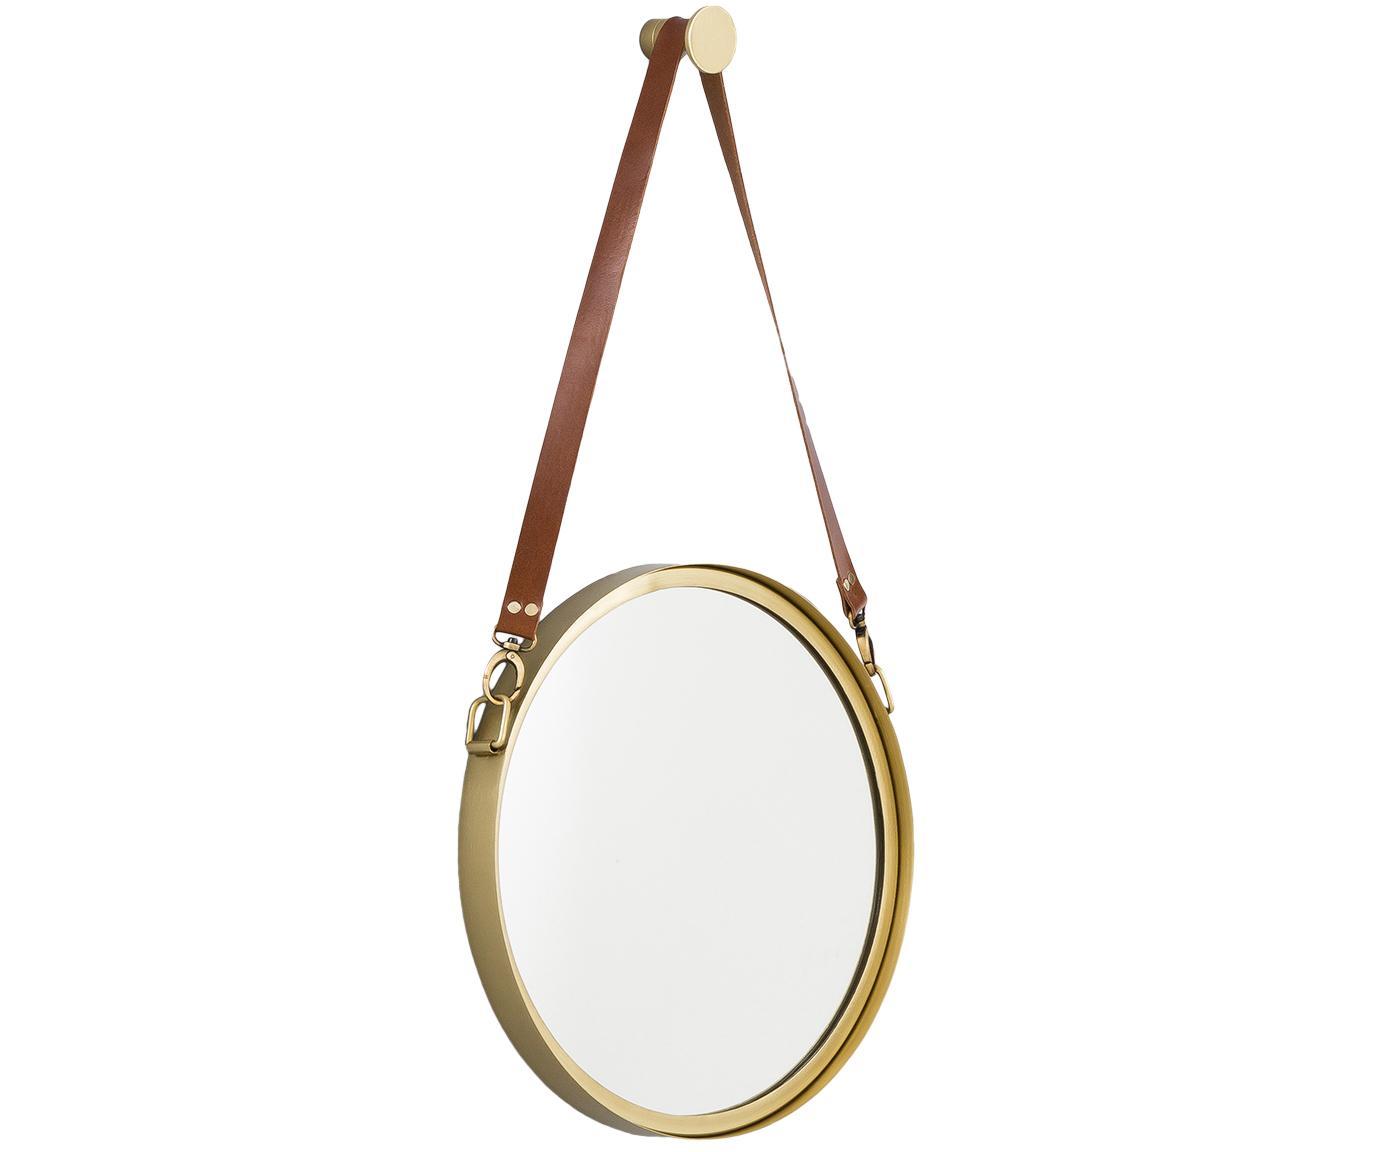 Espejo de pared redondo Liz, con correa de cuero, Espejo: cristal, Dorado, Ø 60 cm